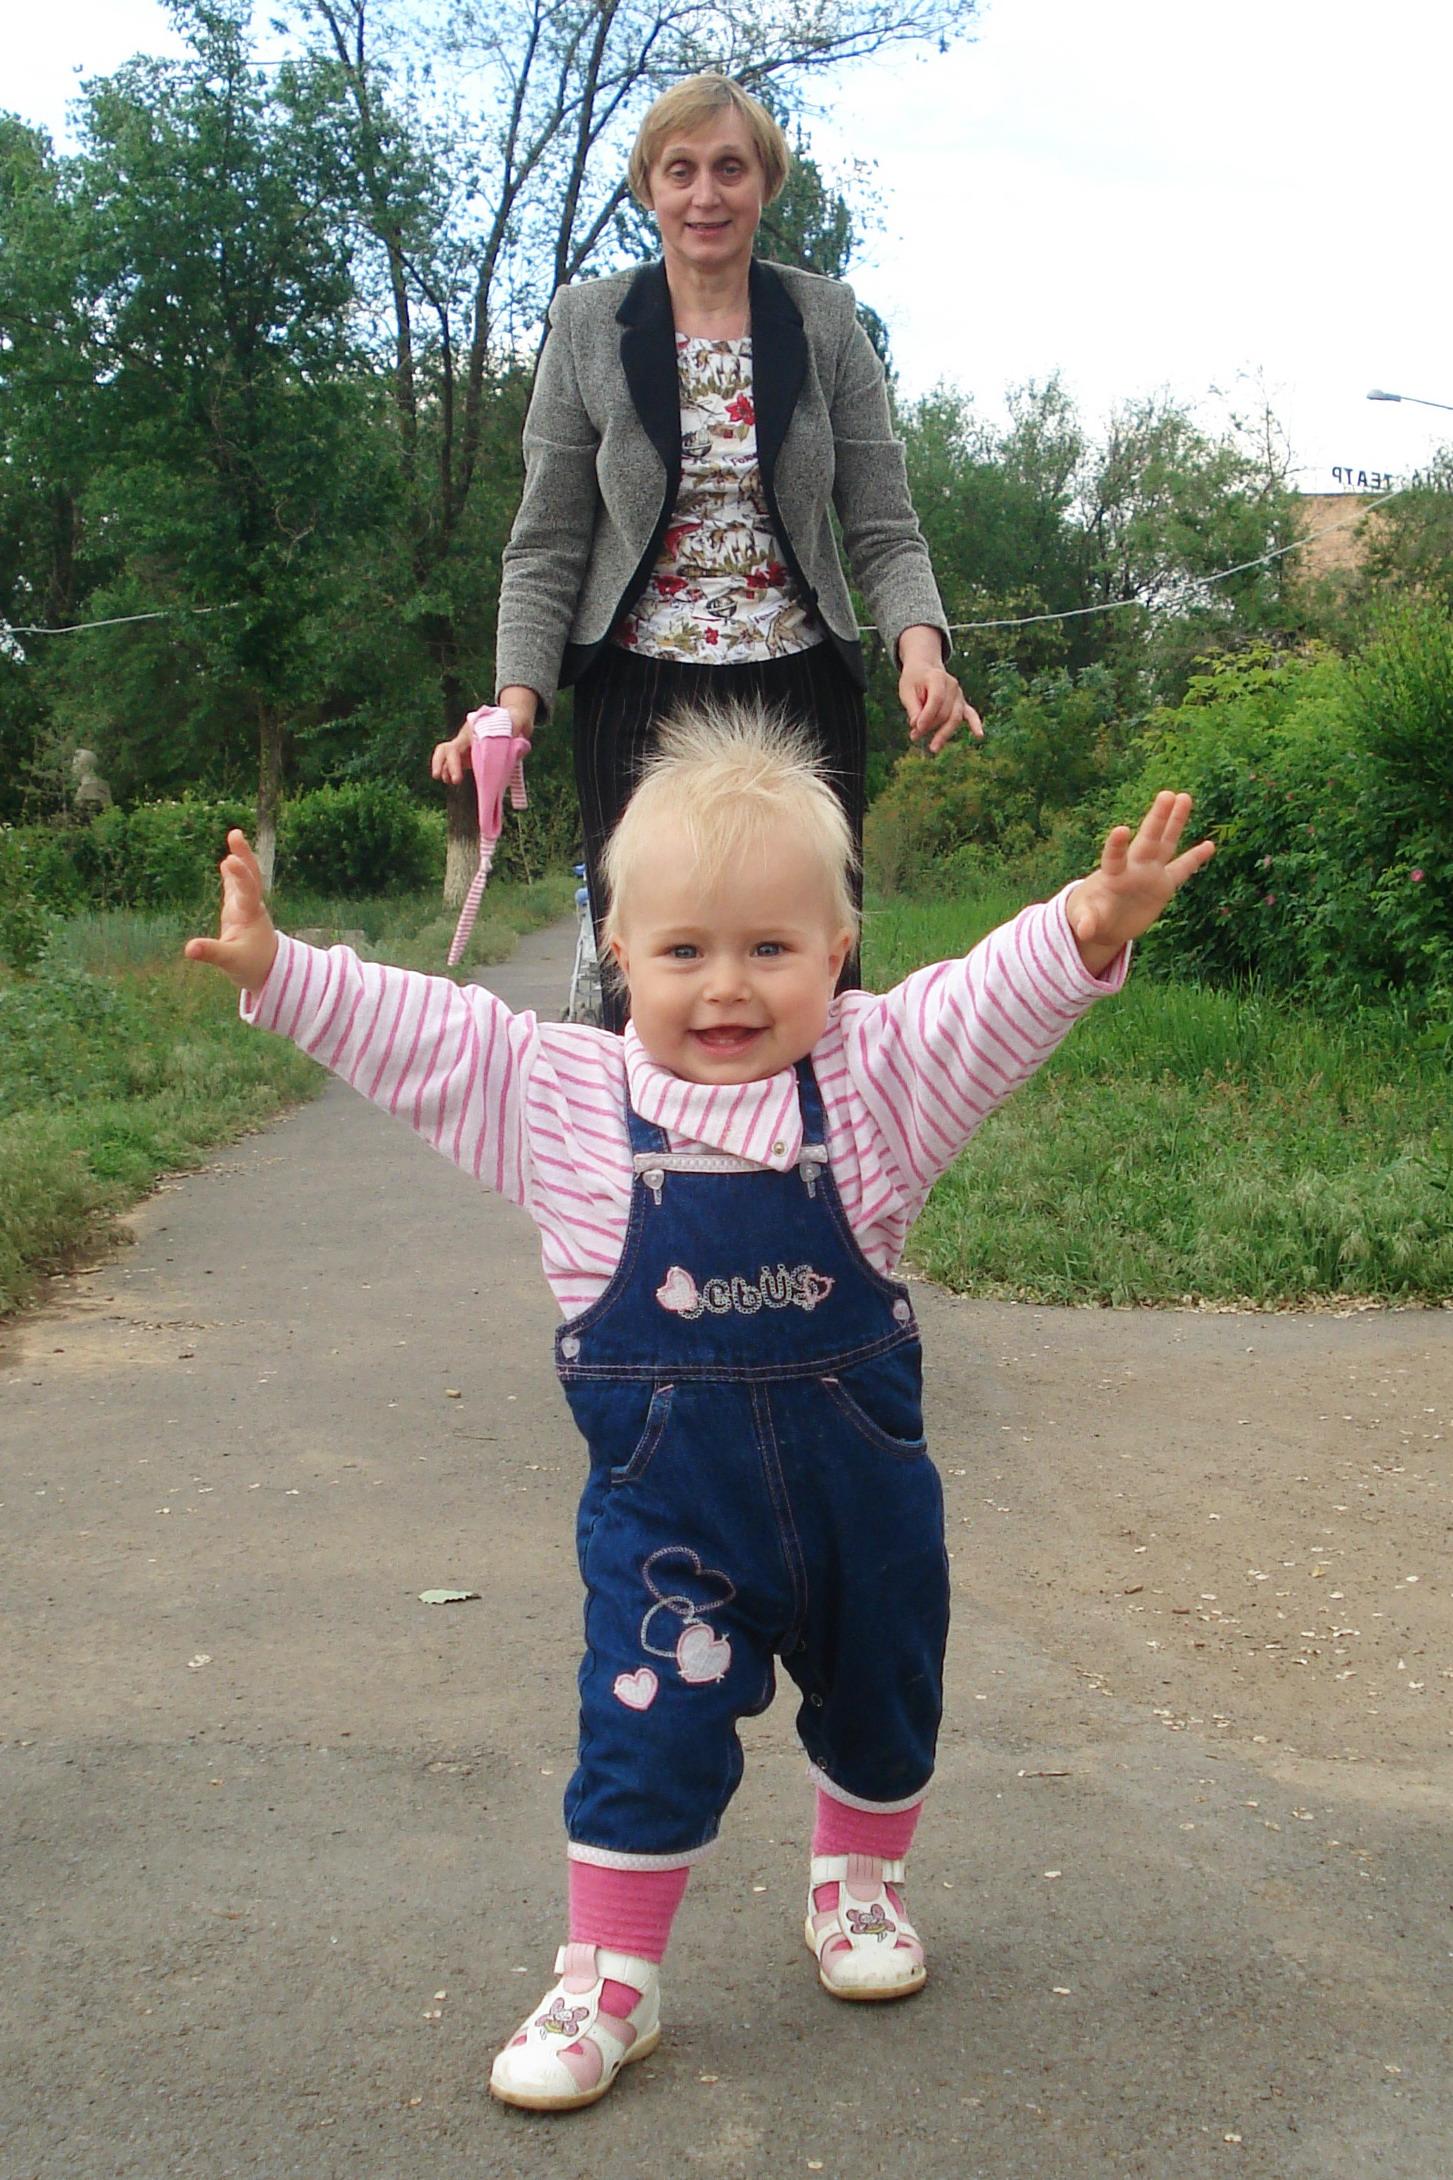 Бабушка,догоняй!!!!. Вместе весело гулять!